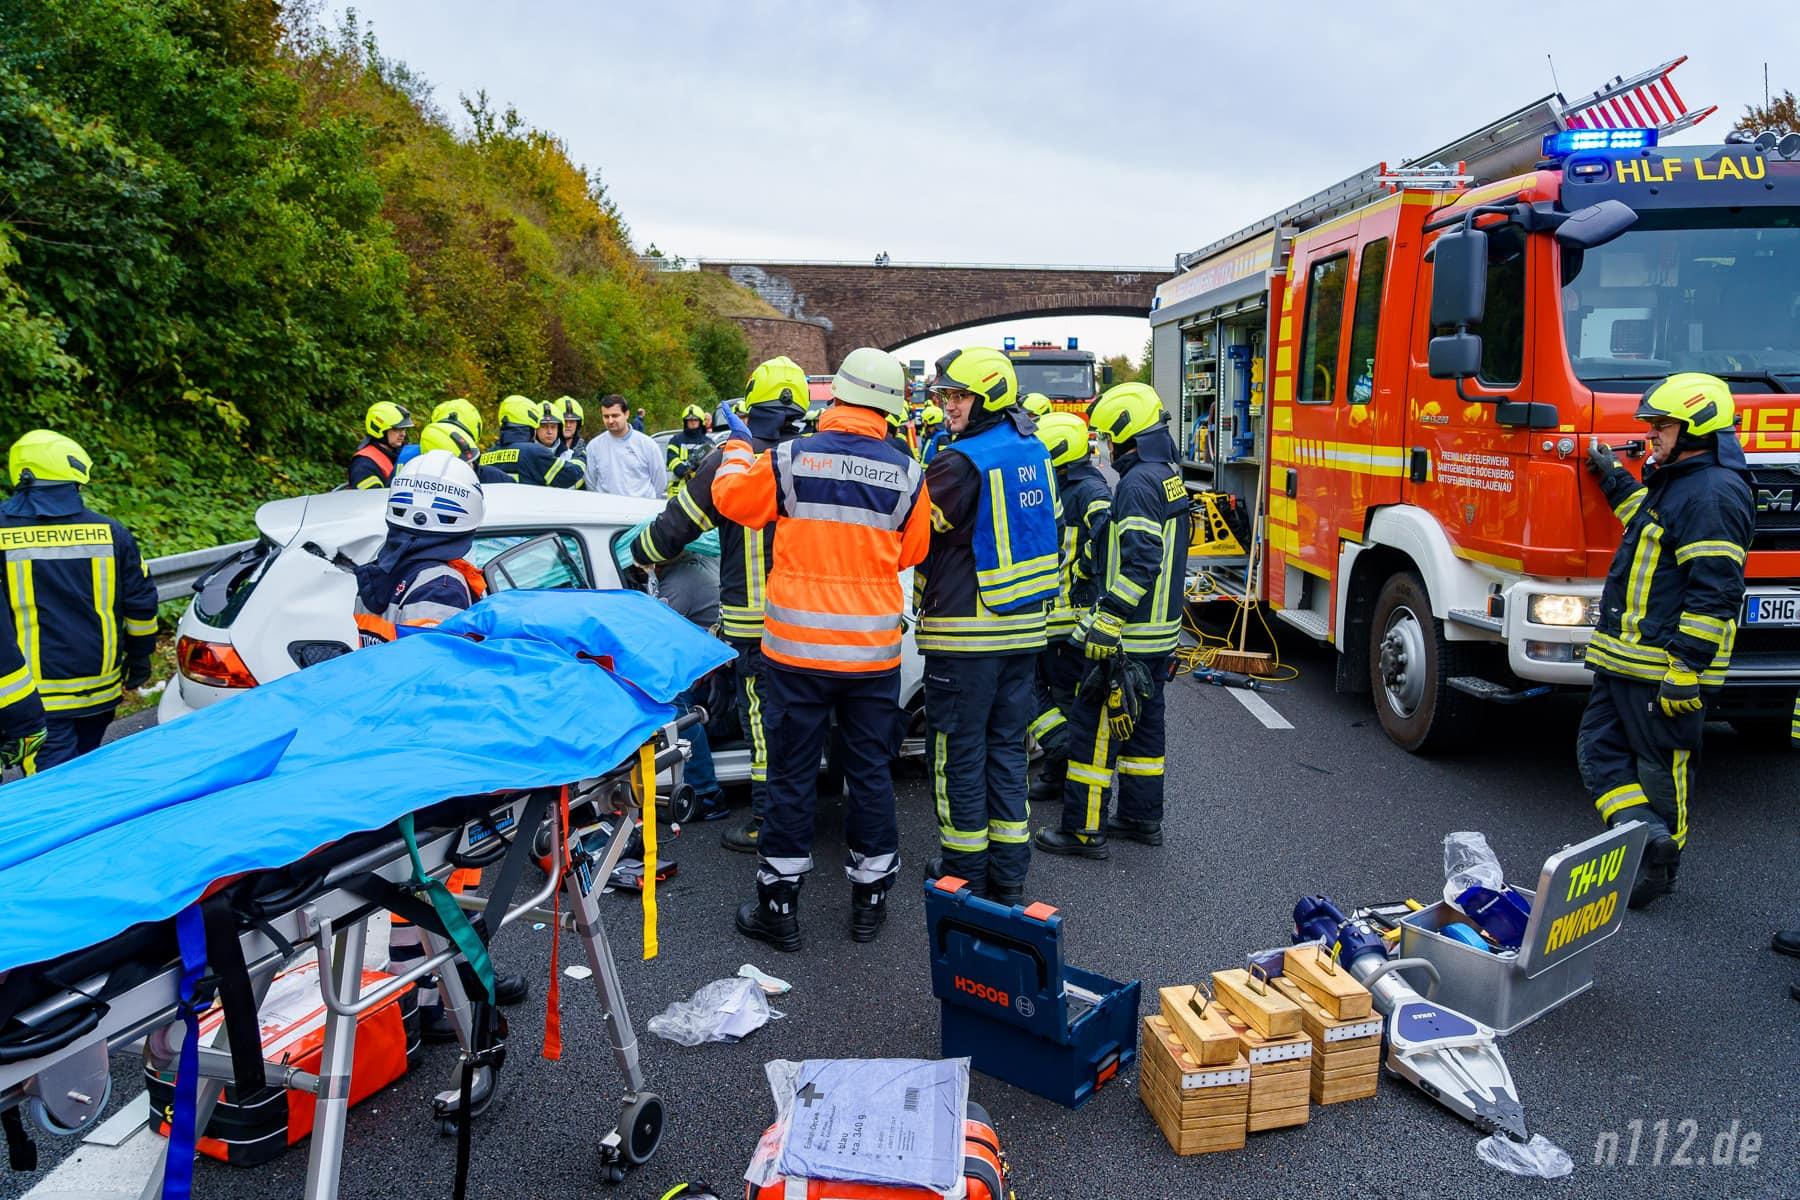 Bereit für die Rettung (Foto: n112.de/Stefan Simonsen)